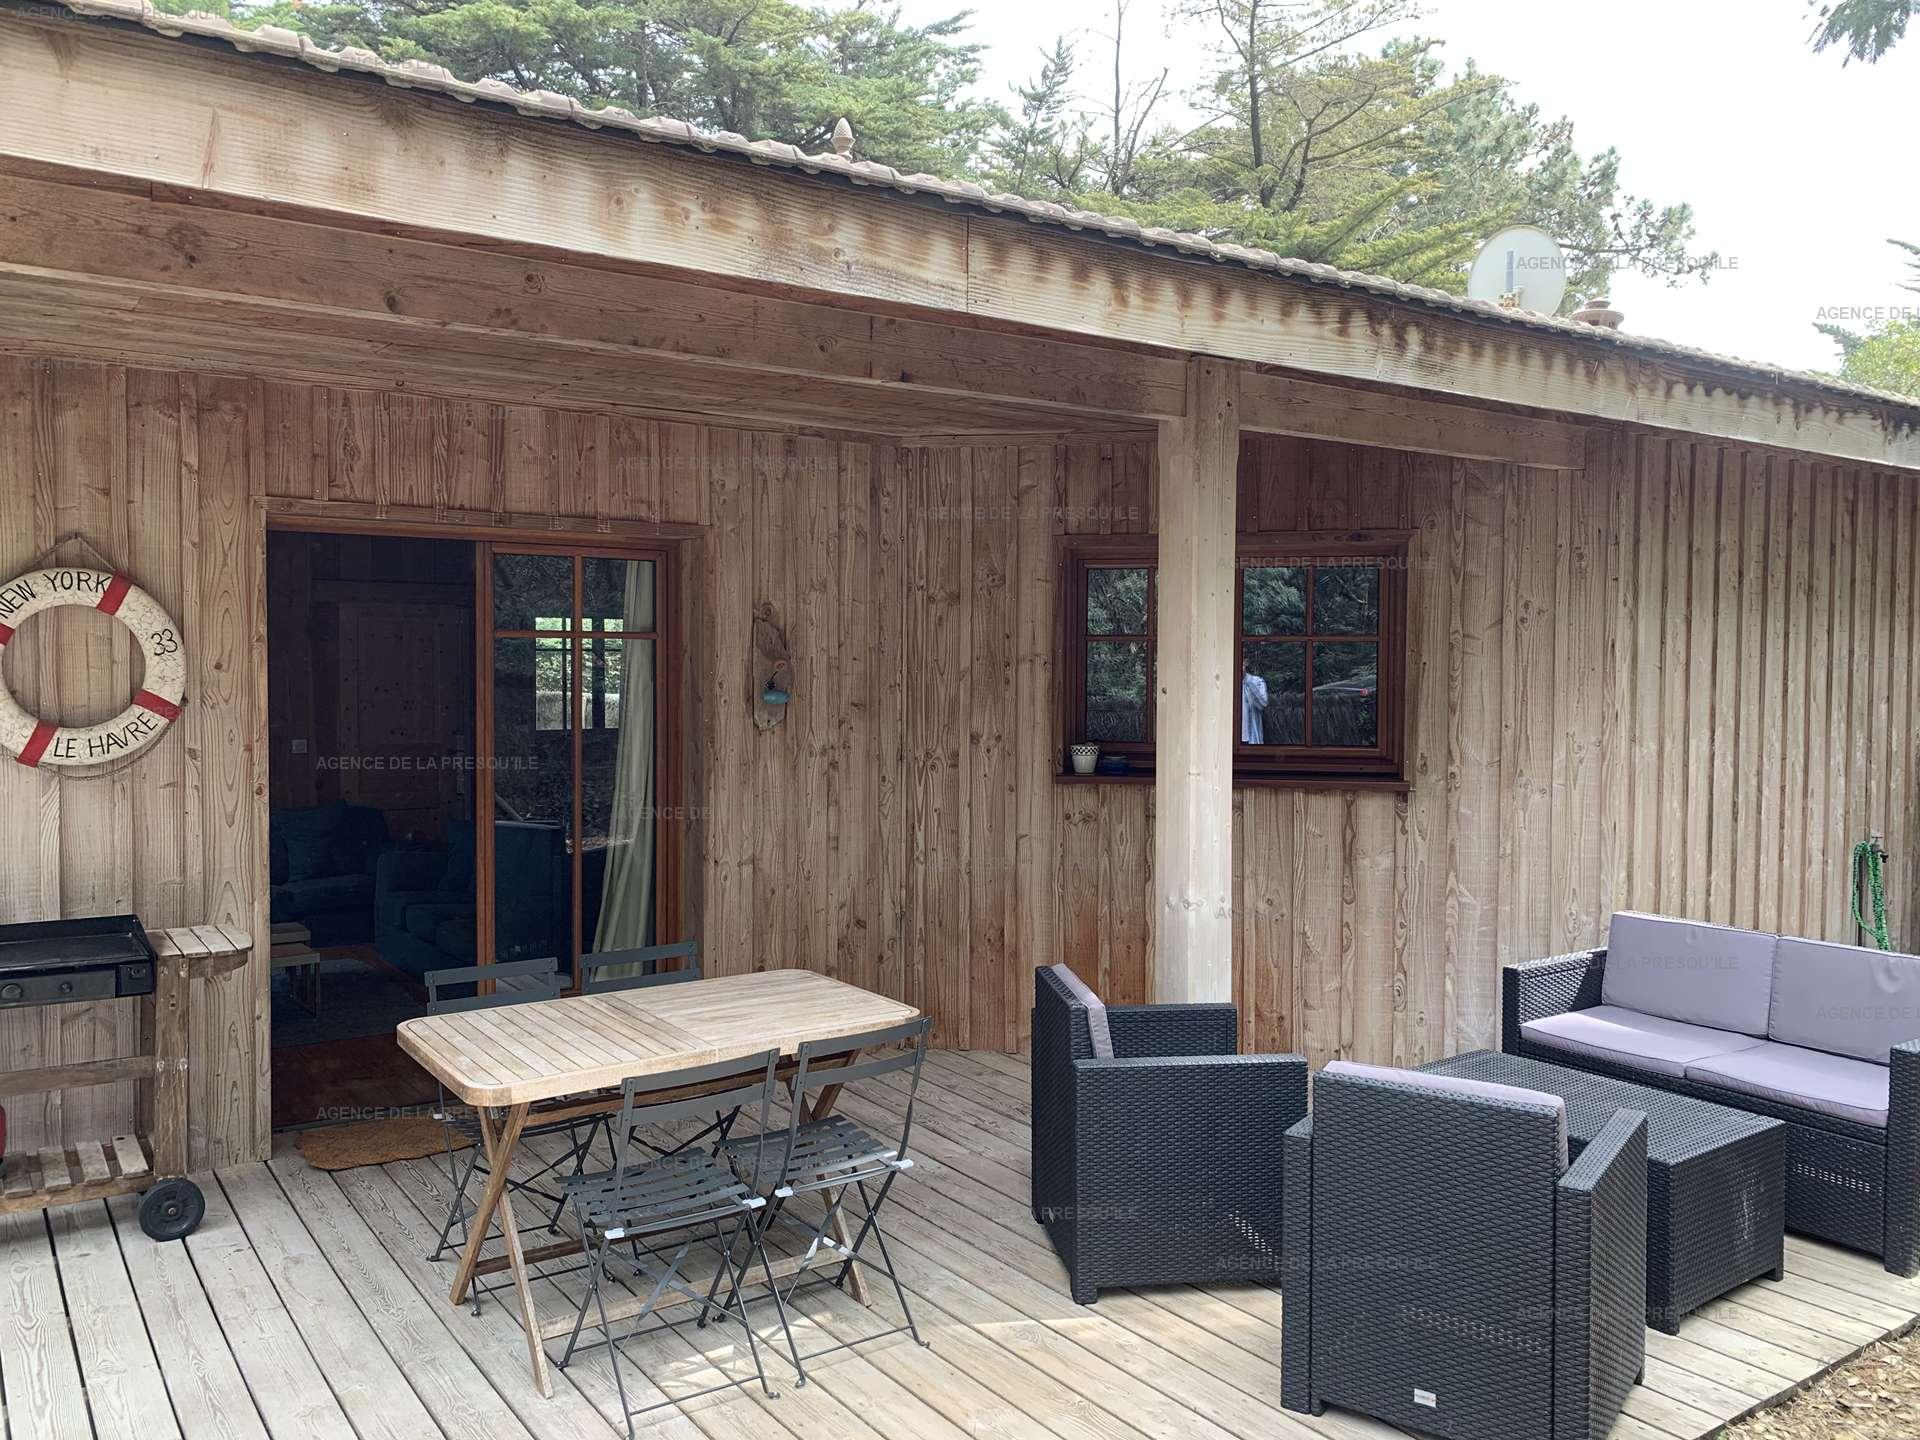 Location: Cabane mitoyenne en bois proche de l'océan 11